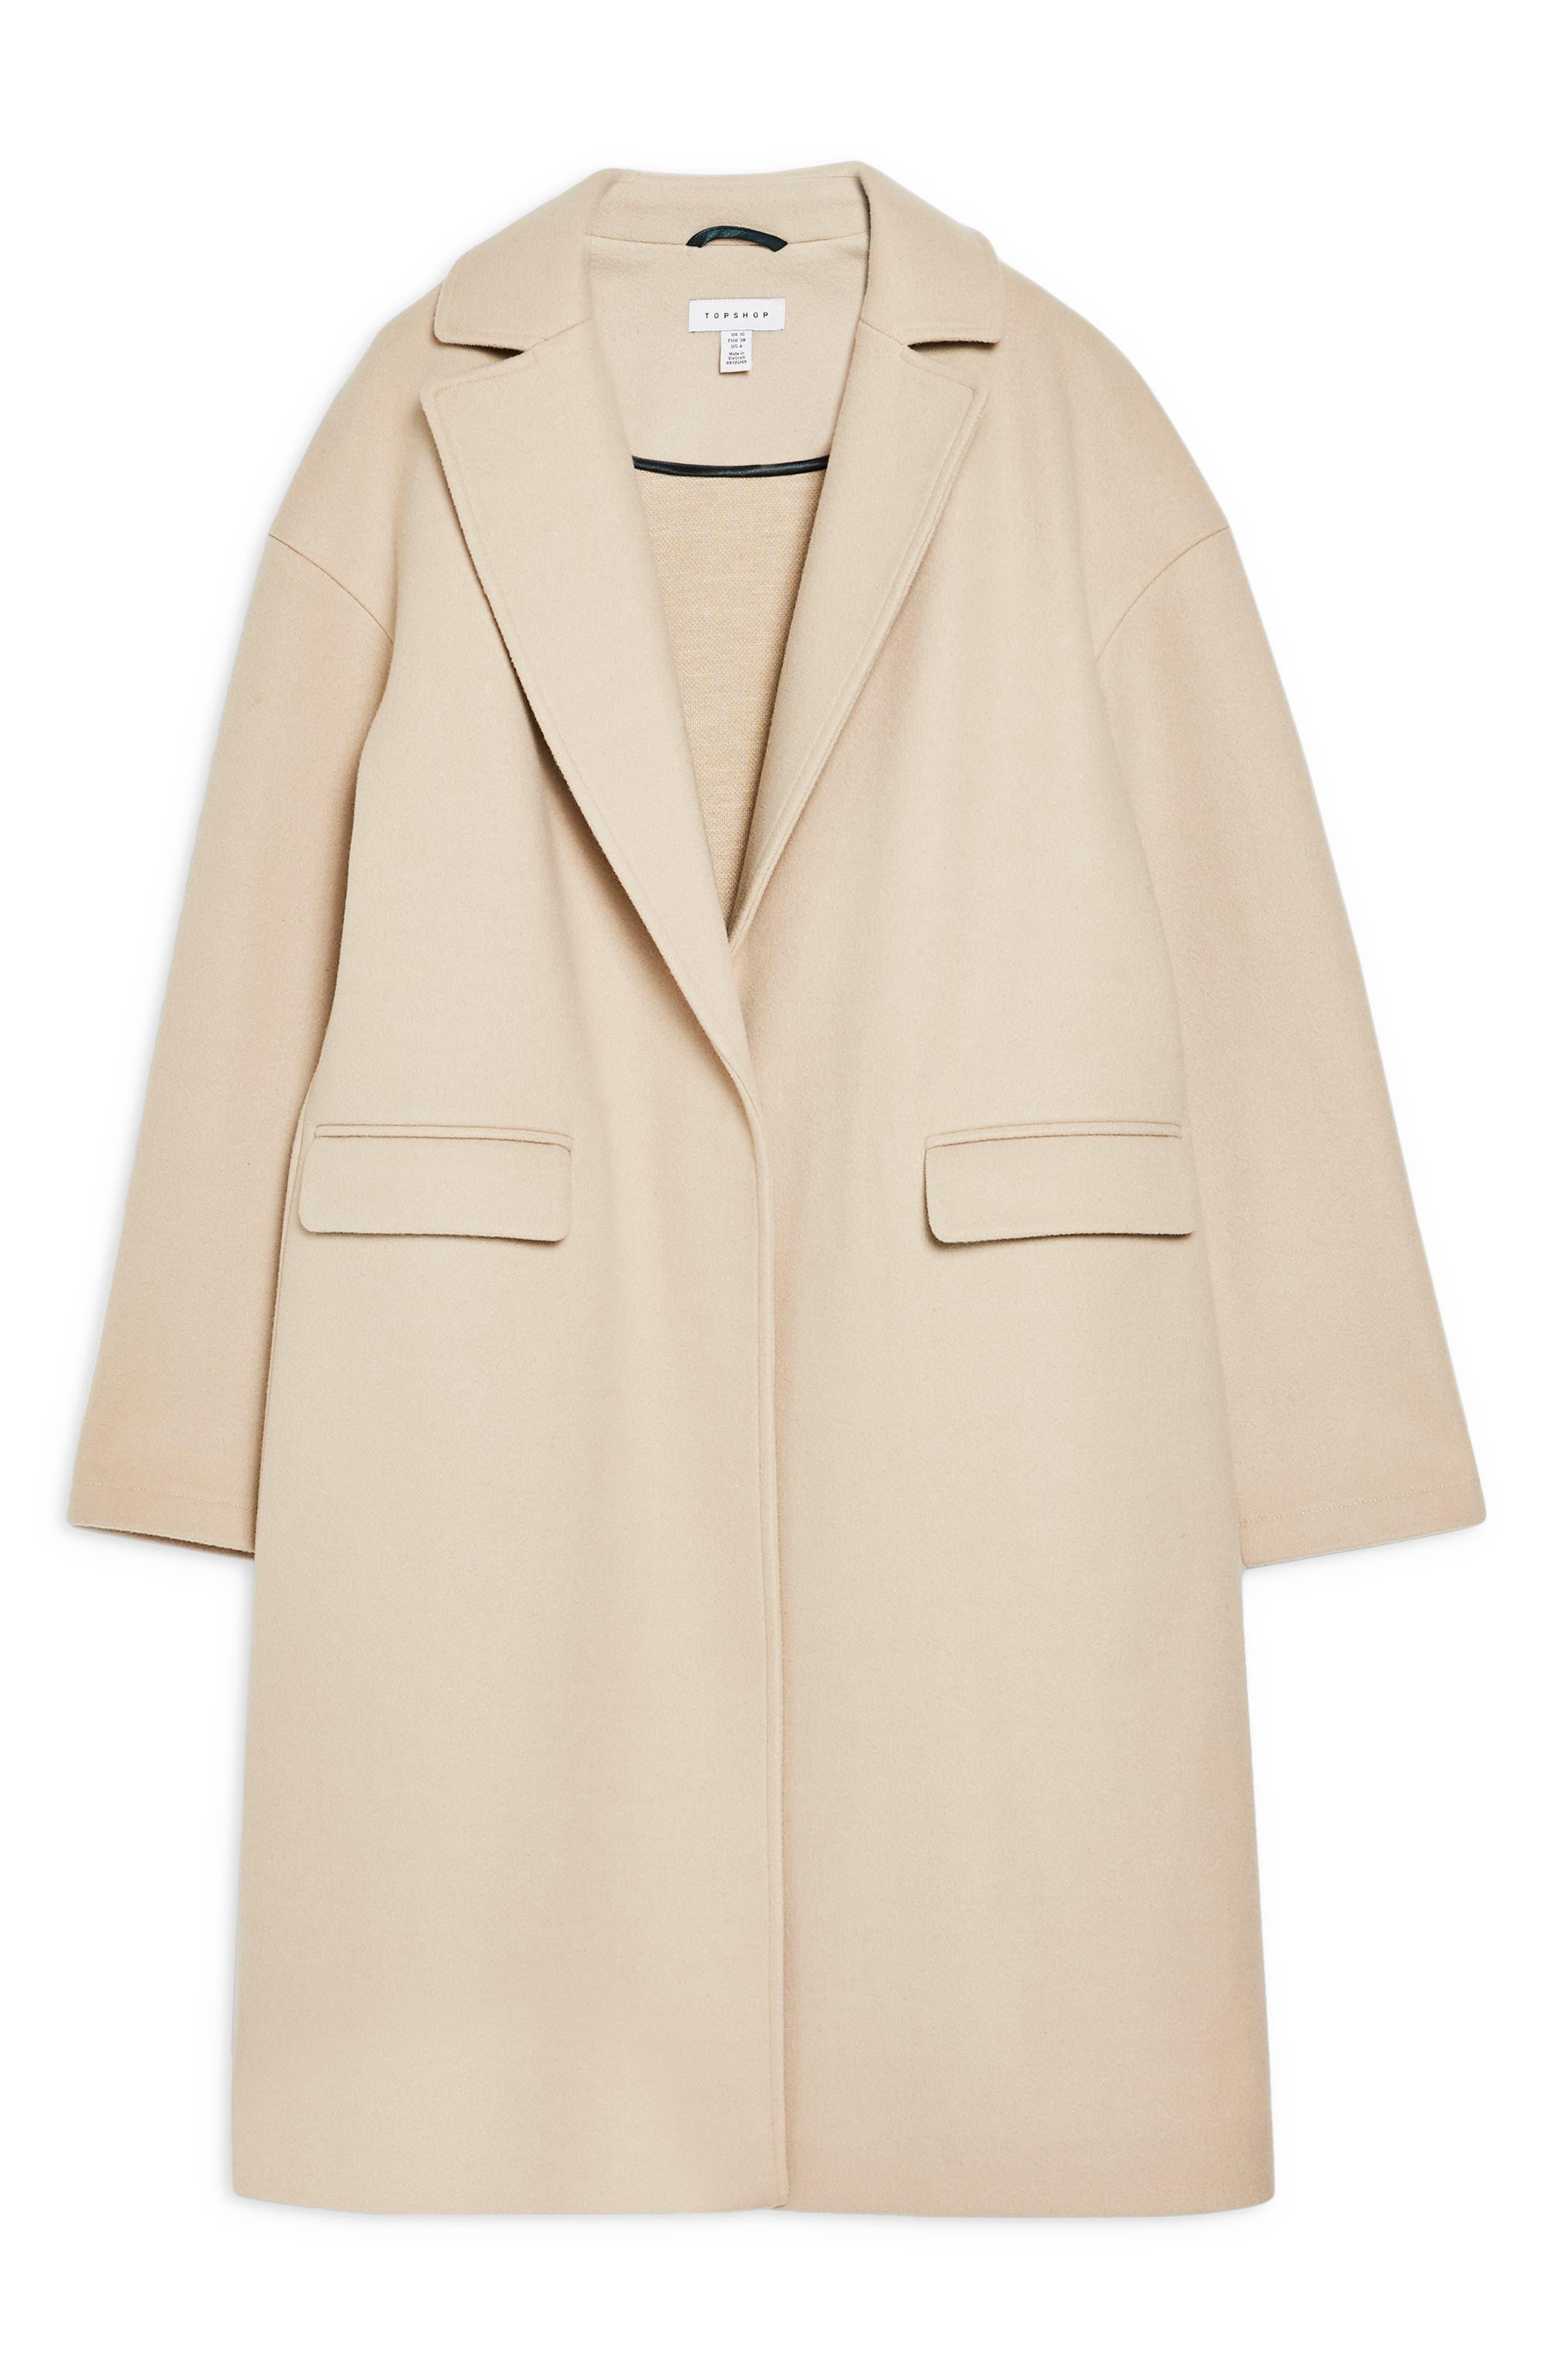 TOPSHOP, Lily Knit Back Midi Coat, Alternate thumbnail 5, color, 250